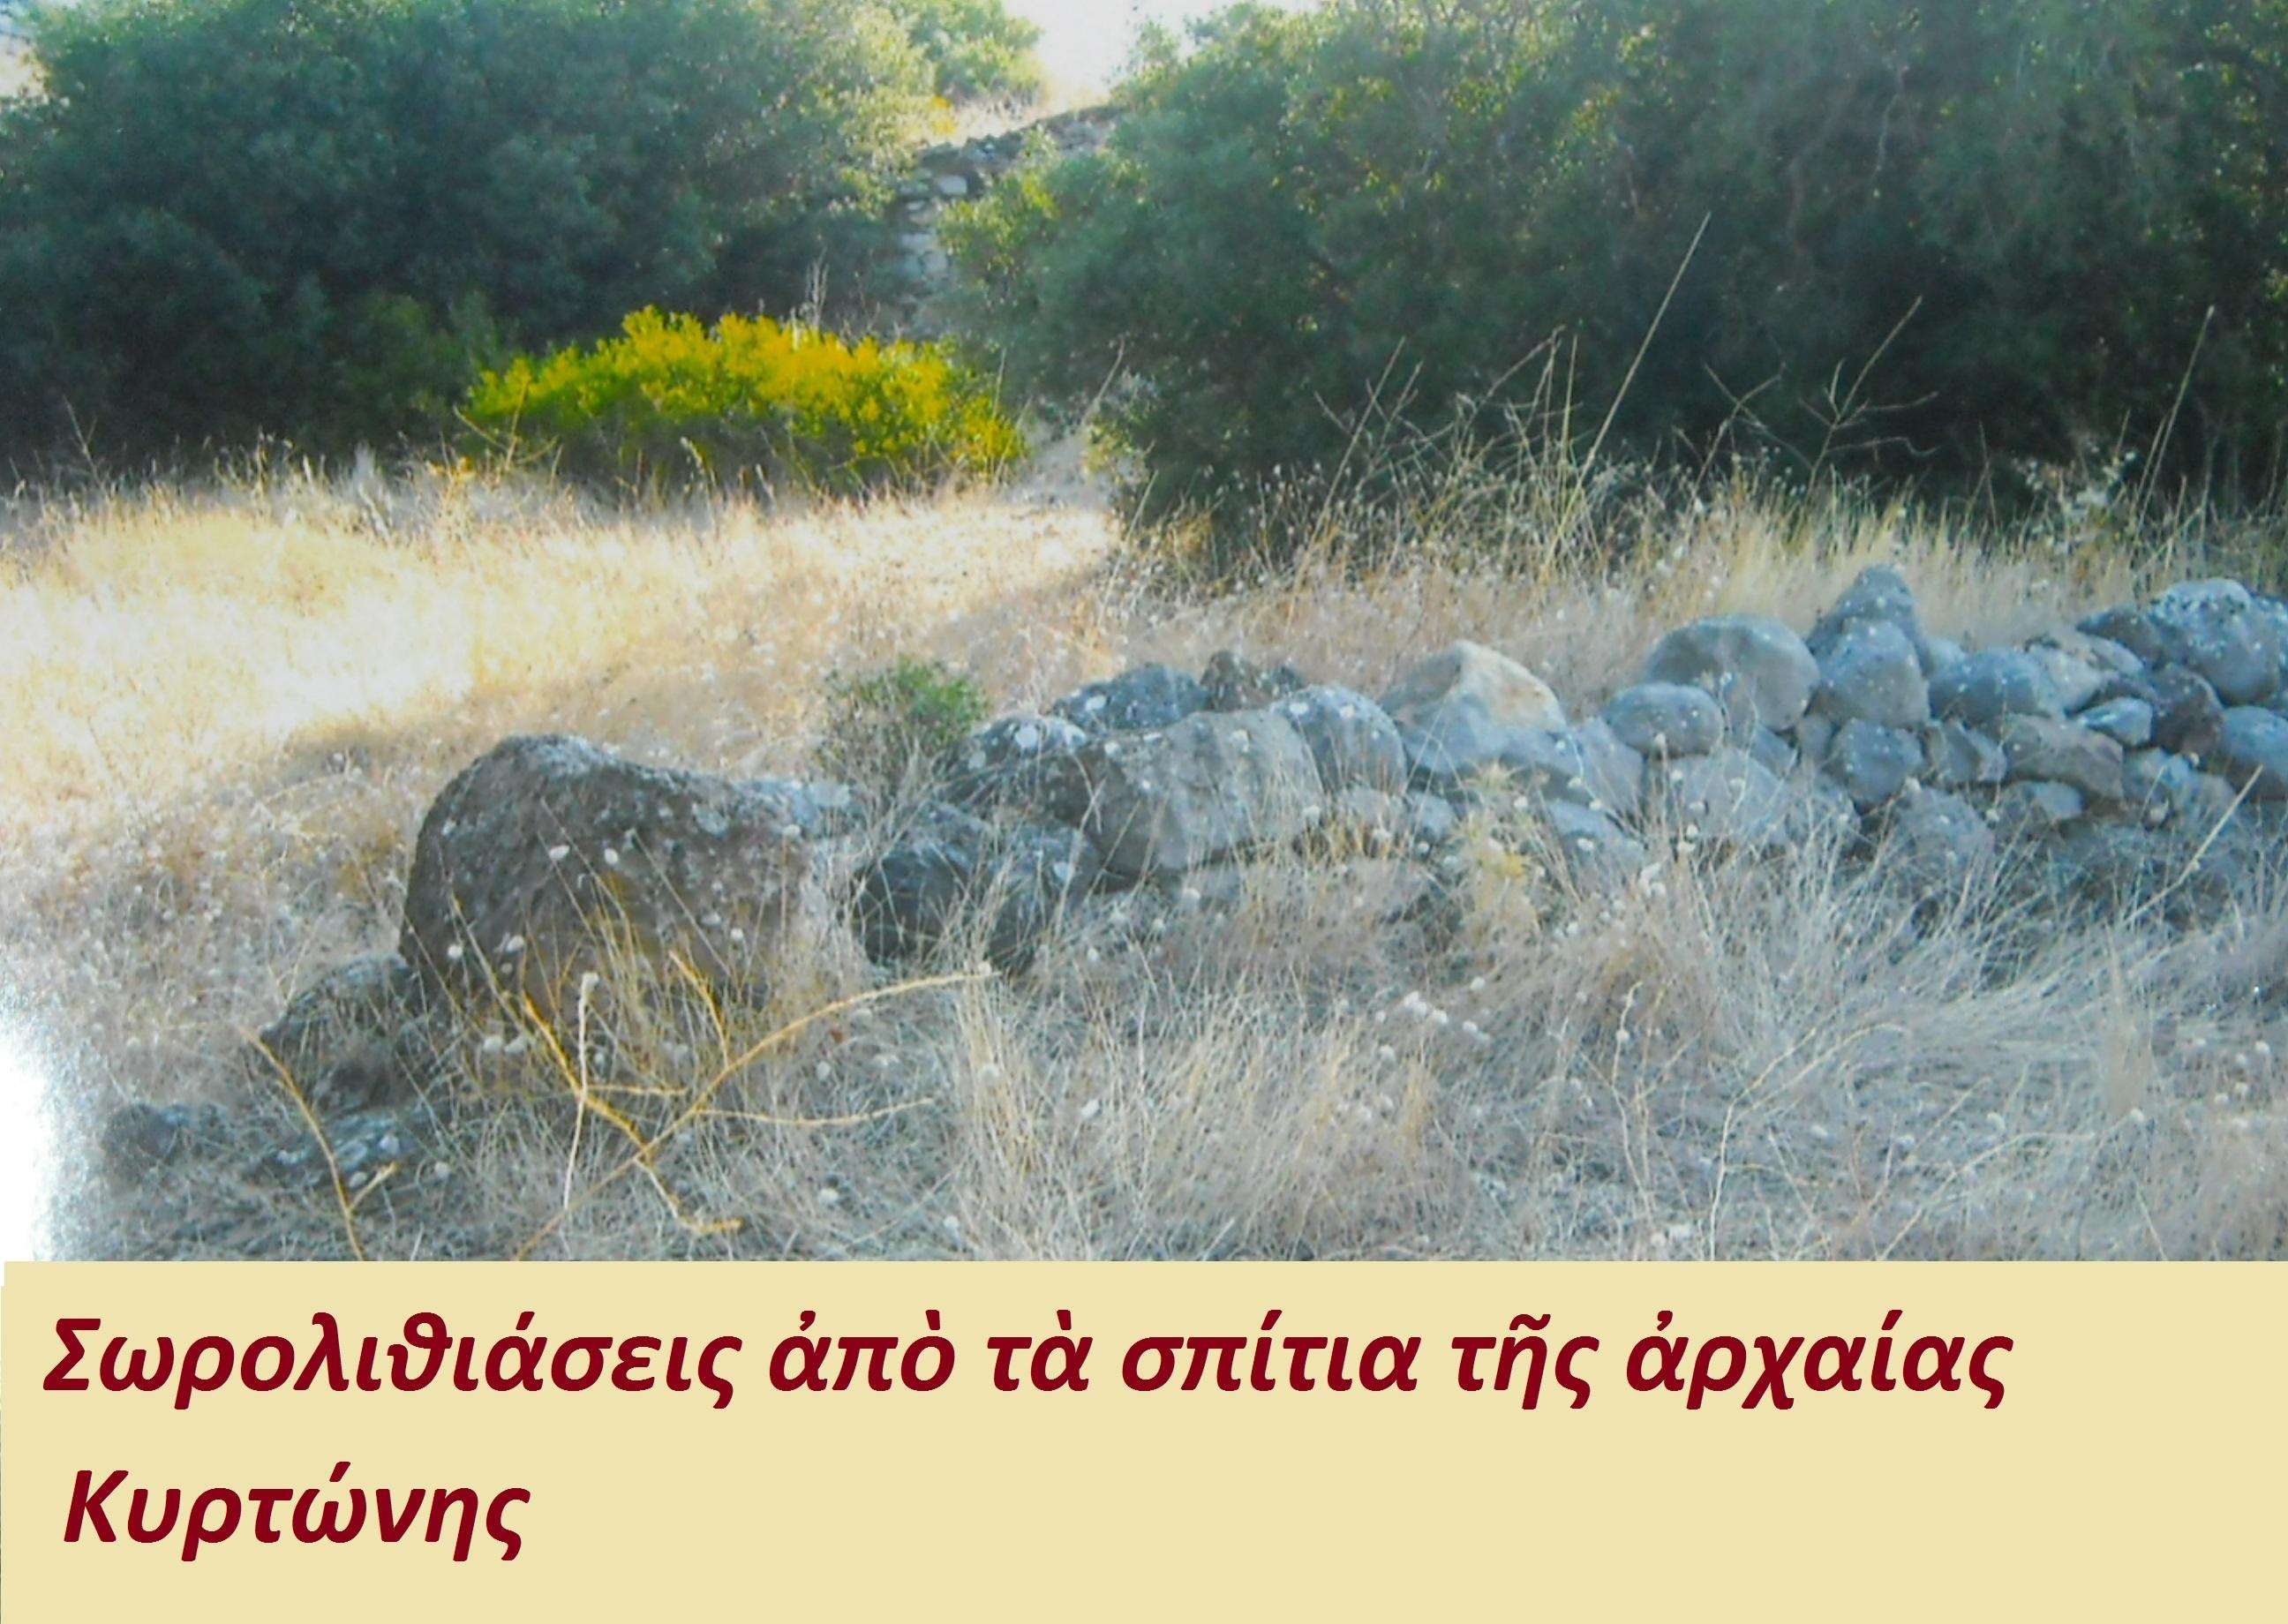 Ἡ ἀρχαία Κυρτώνη καὶ ἡ ἔρις γιὰ τὴν θέση της.18